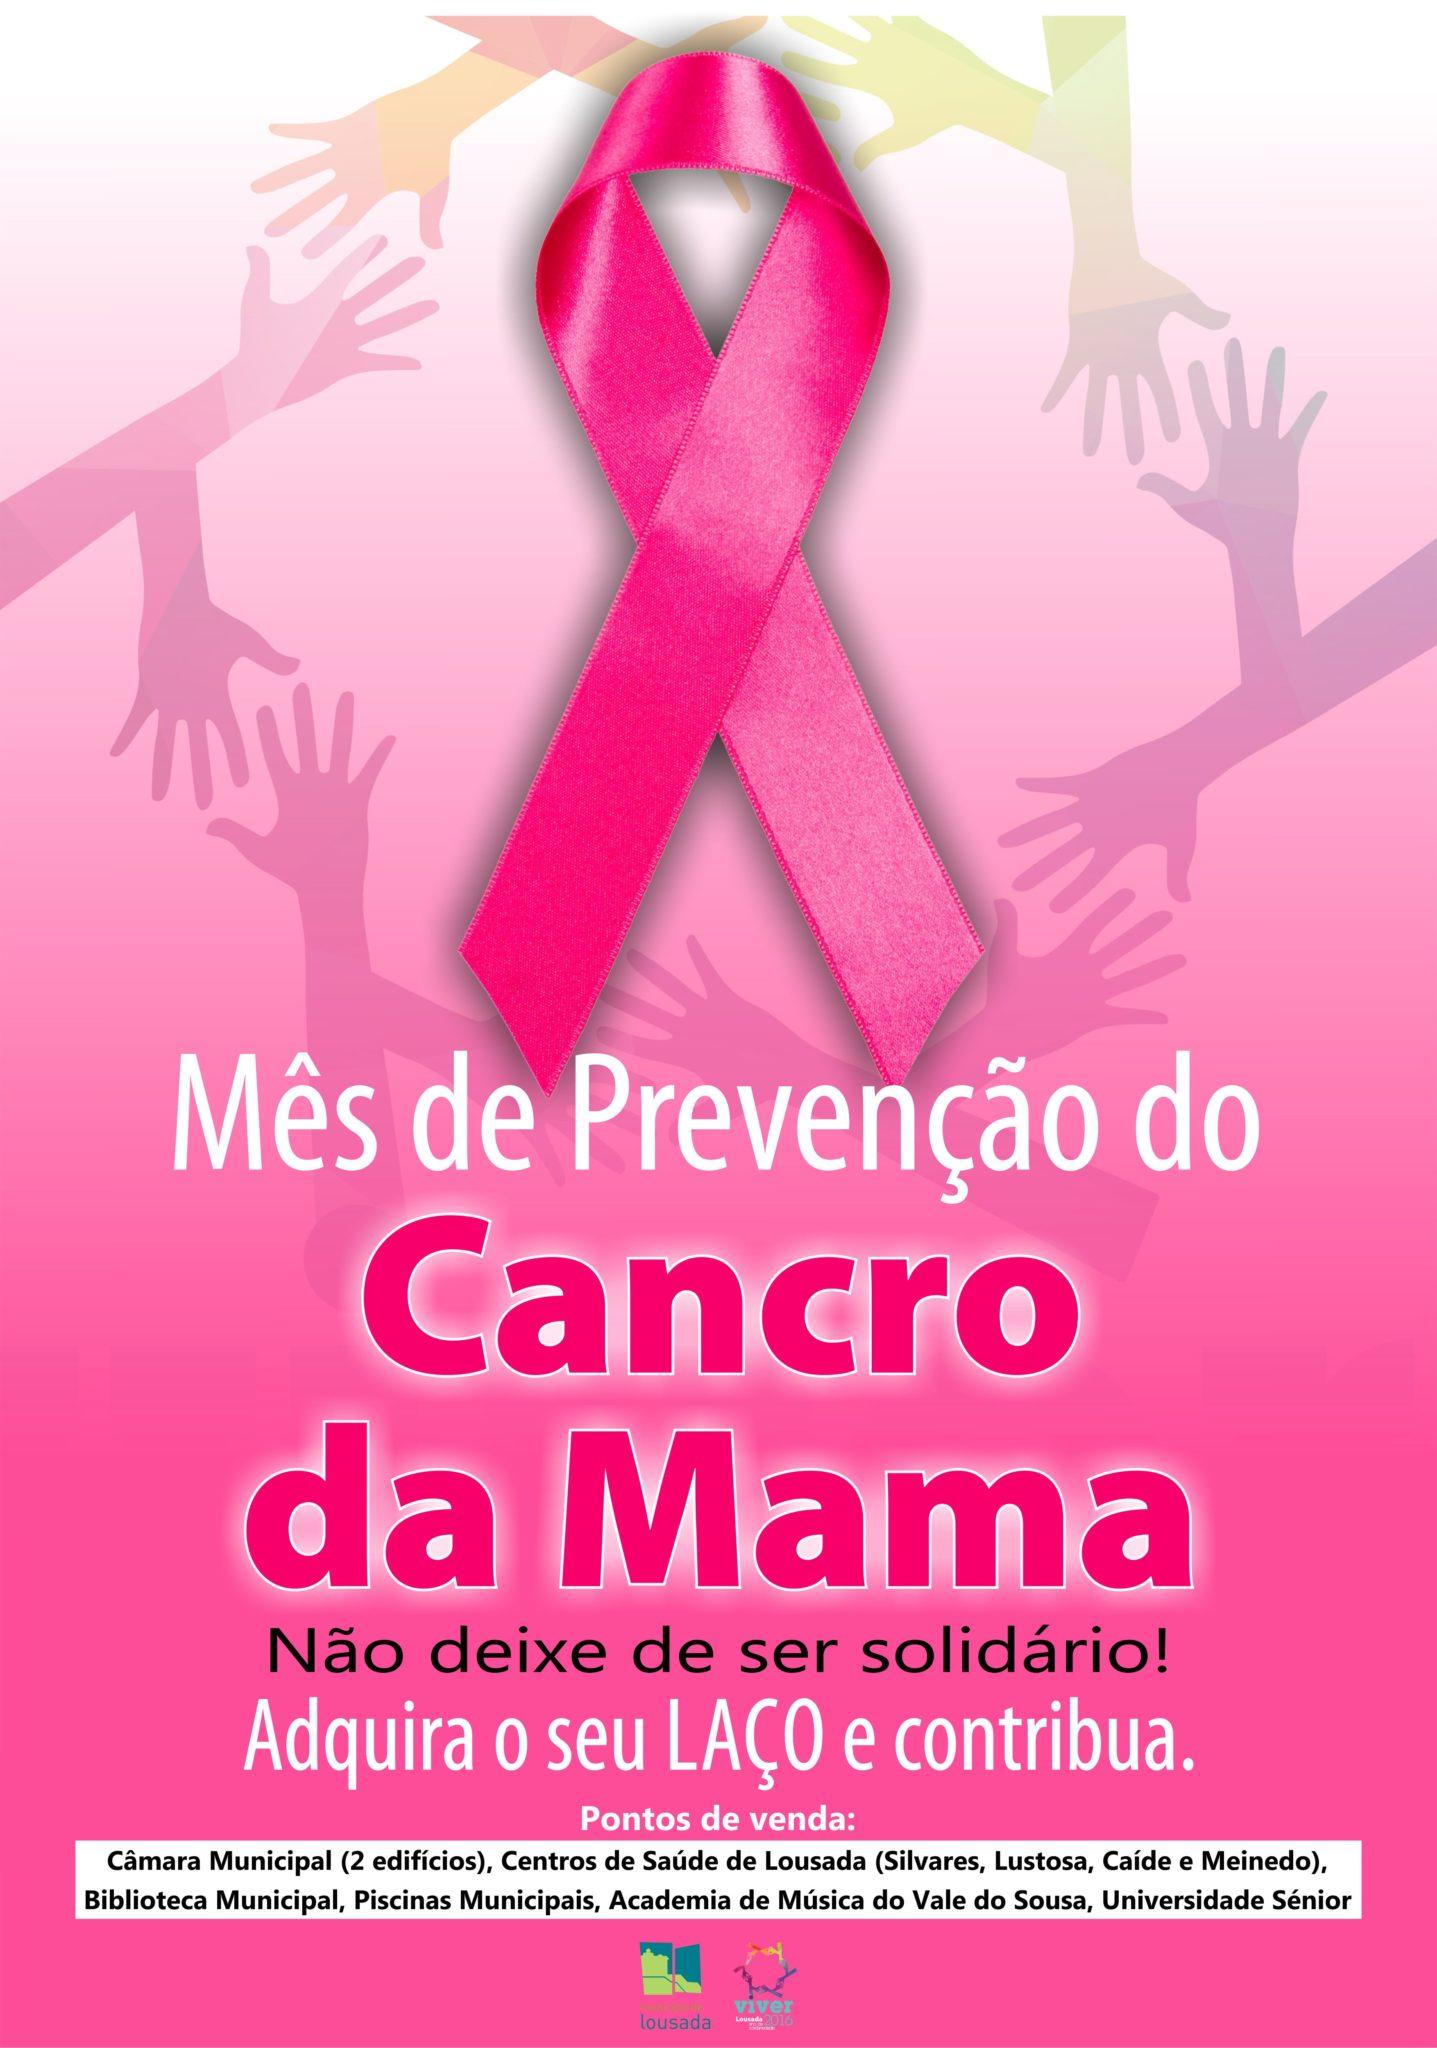 Lousada aderiu à luta contra o cancro com a Campanha Laço Rosa ... 9c4a2c0f28ec7